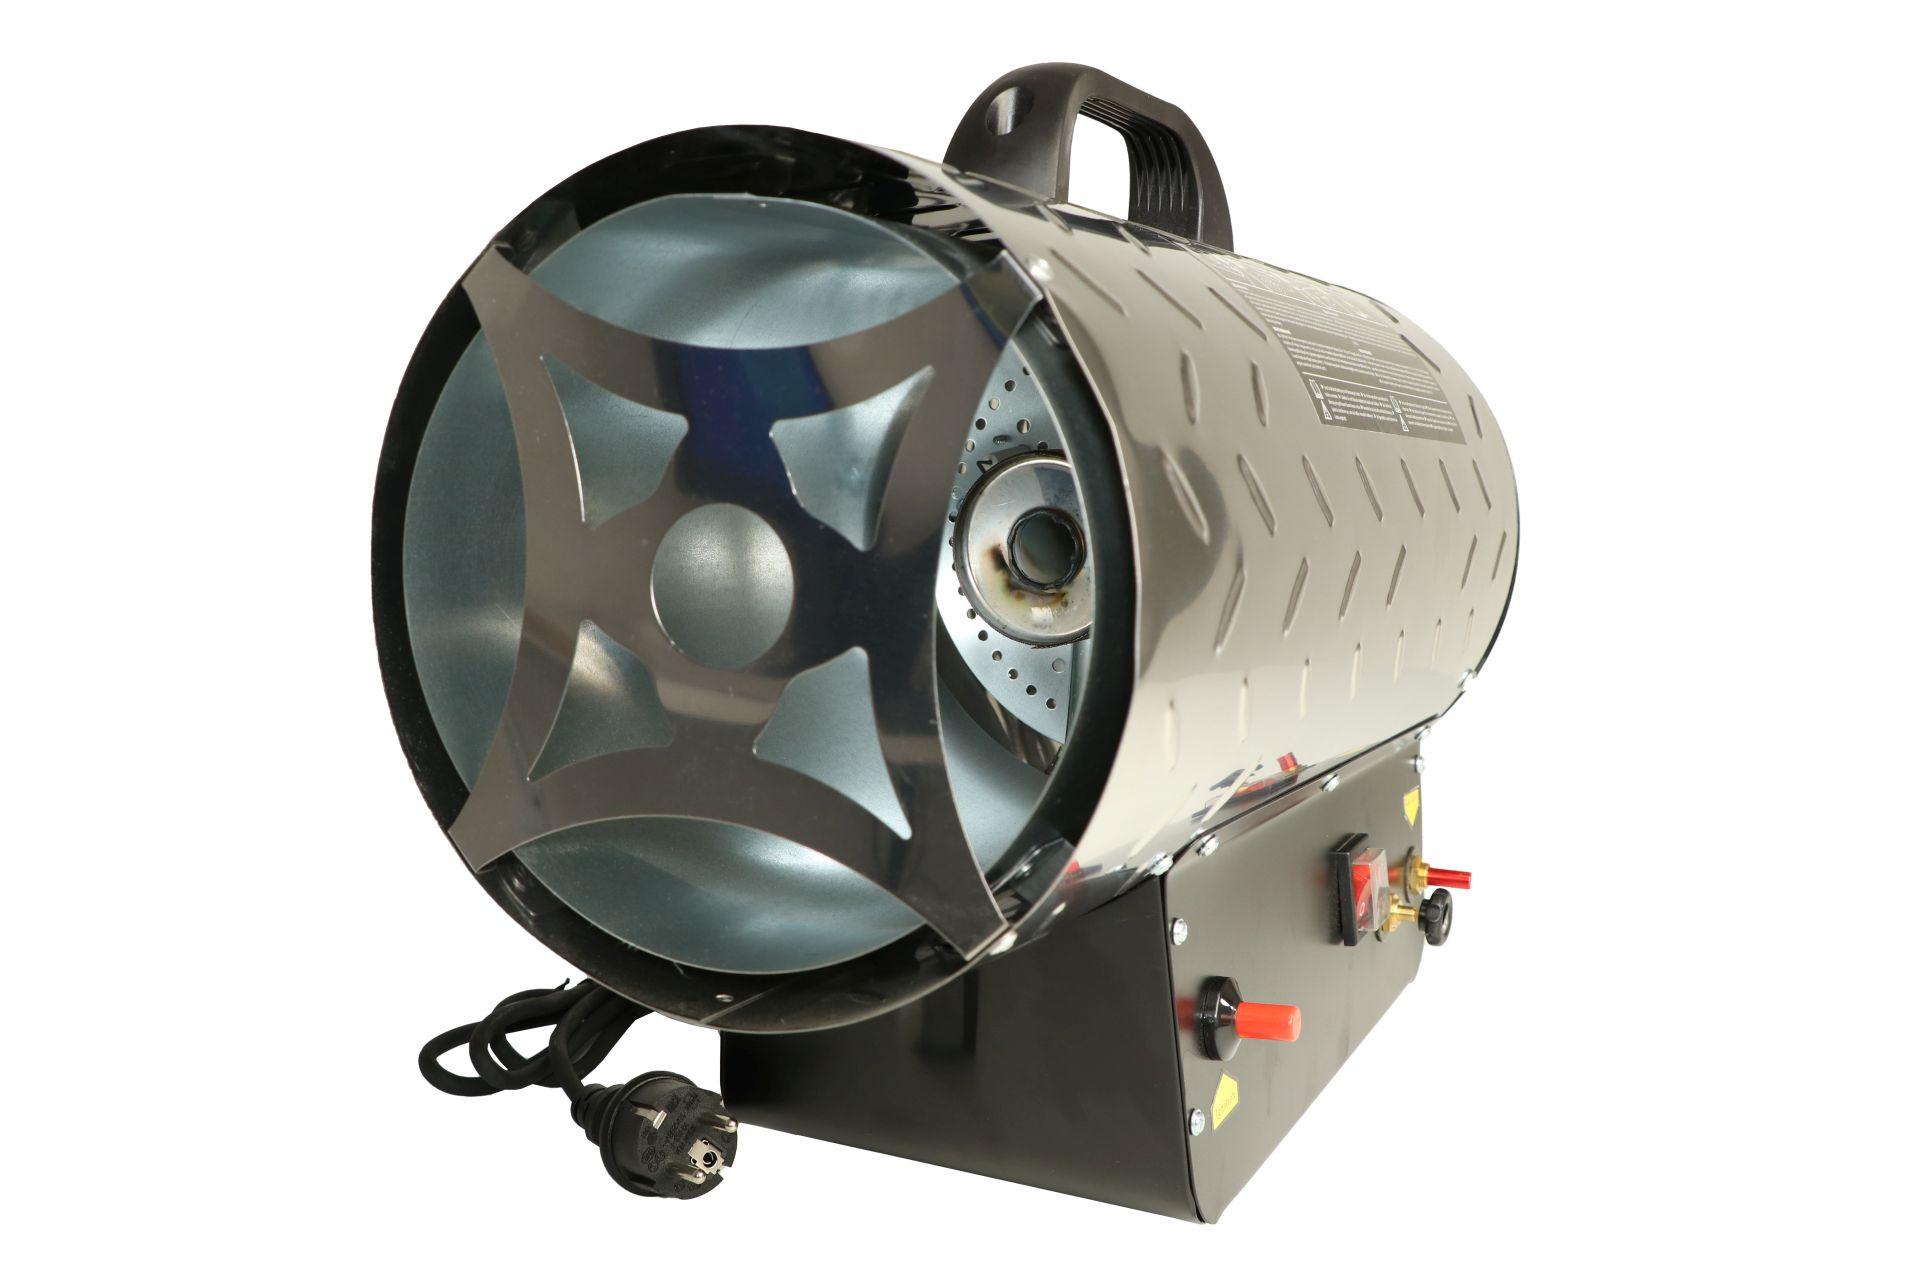 ROWI Propangasheizer HGH 30000/4 R INOX, 21 - 33 kW